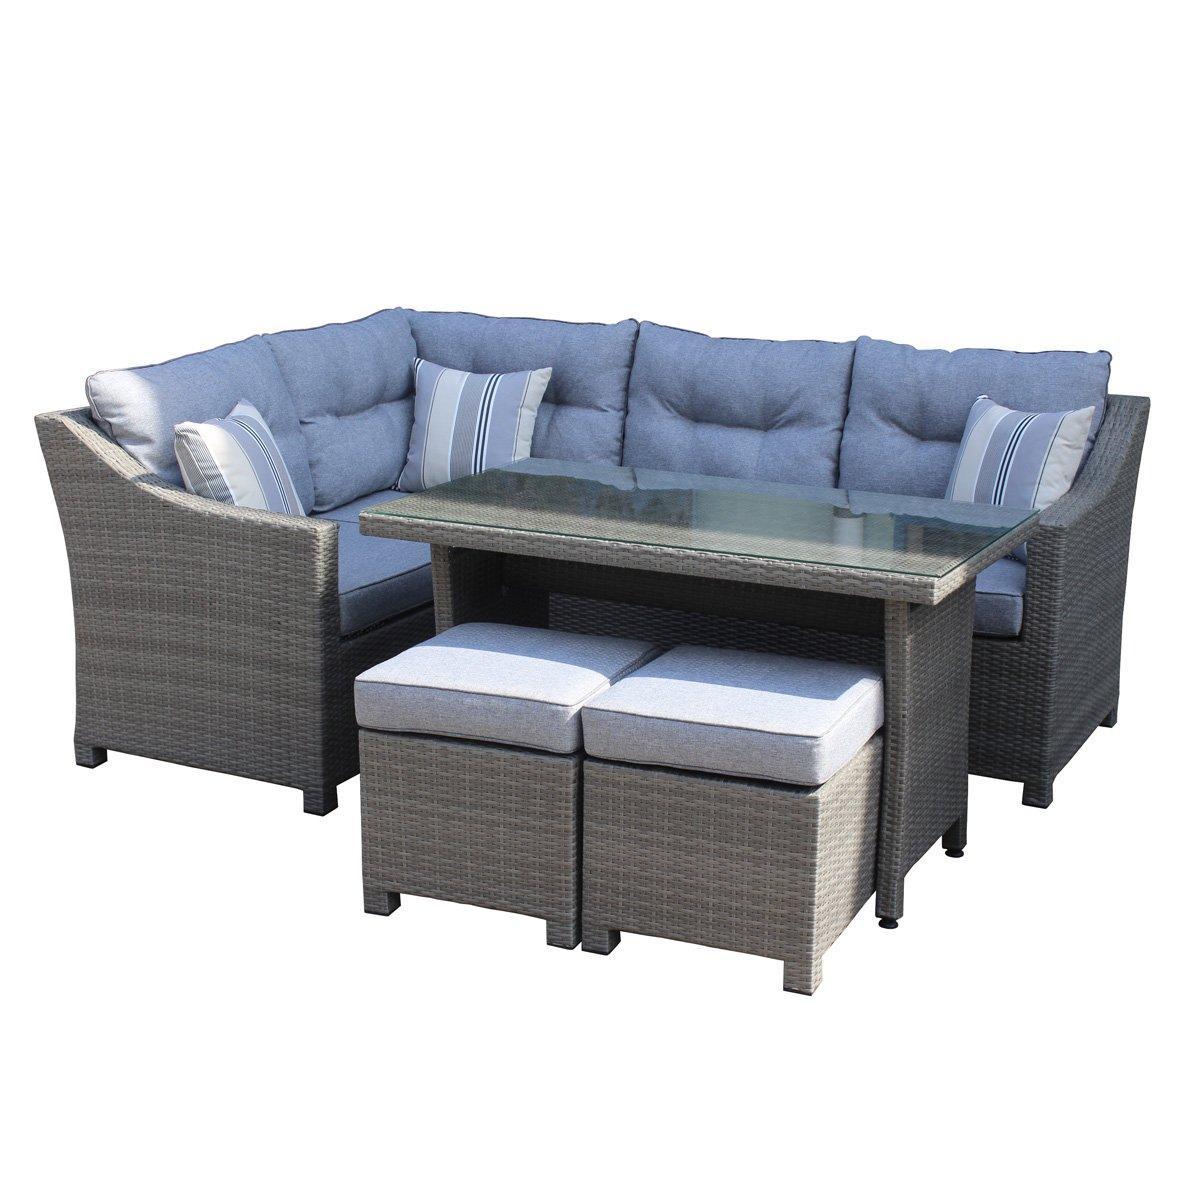 5pcs corner sofa set +  2 stools  1